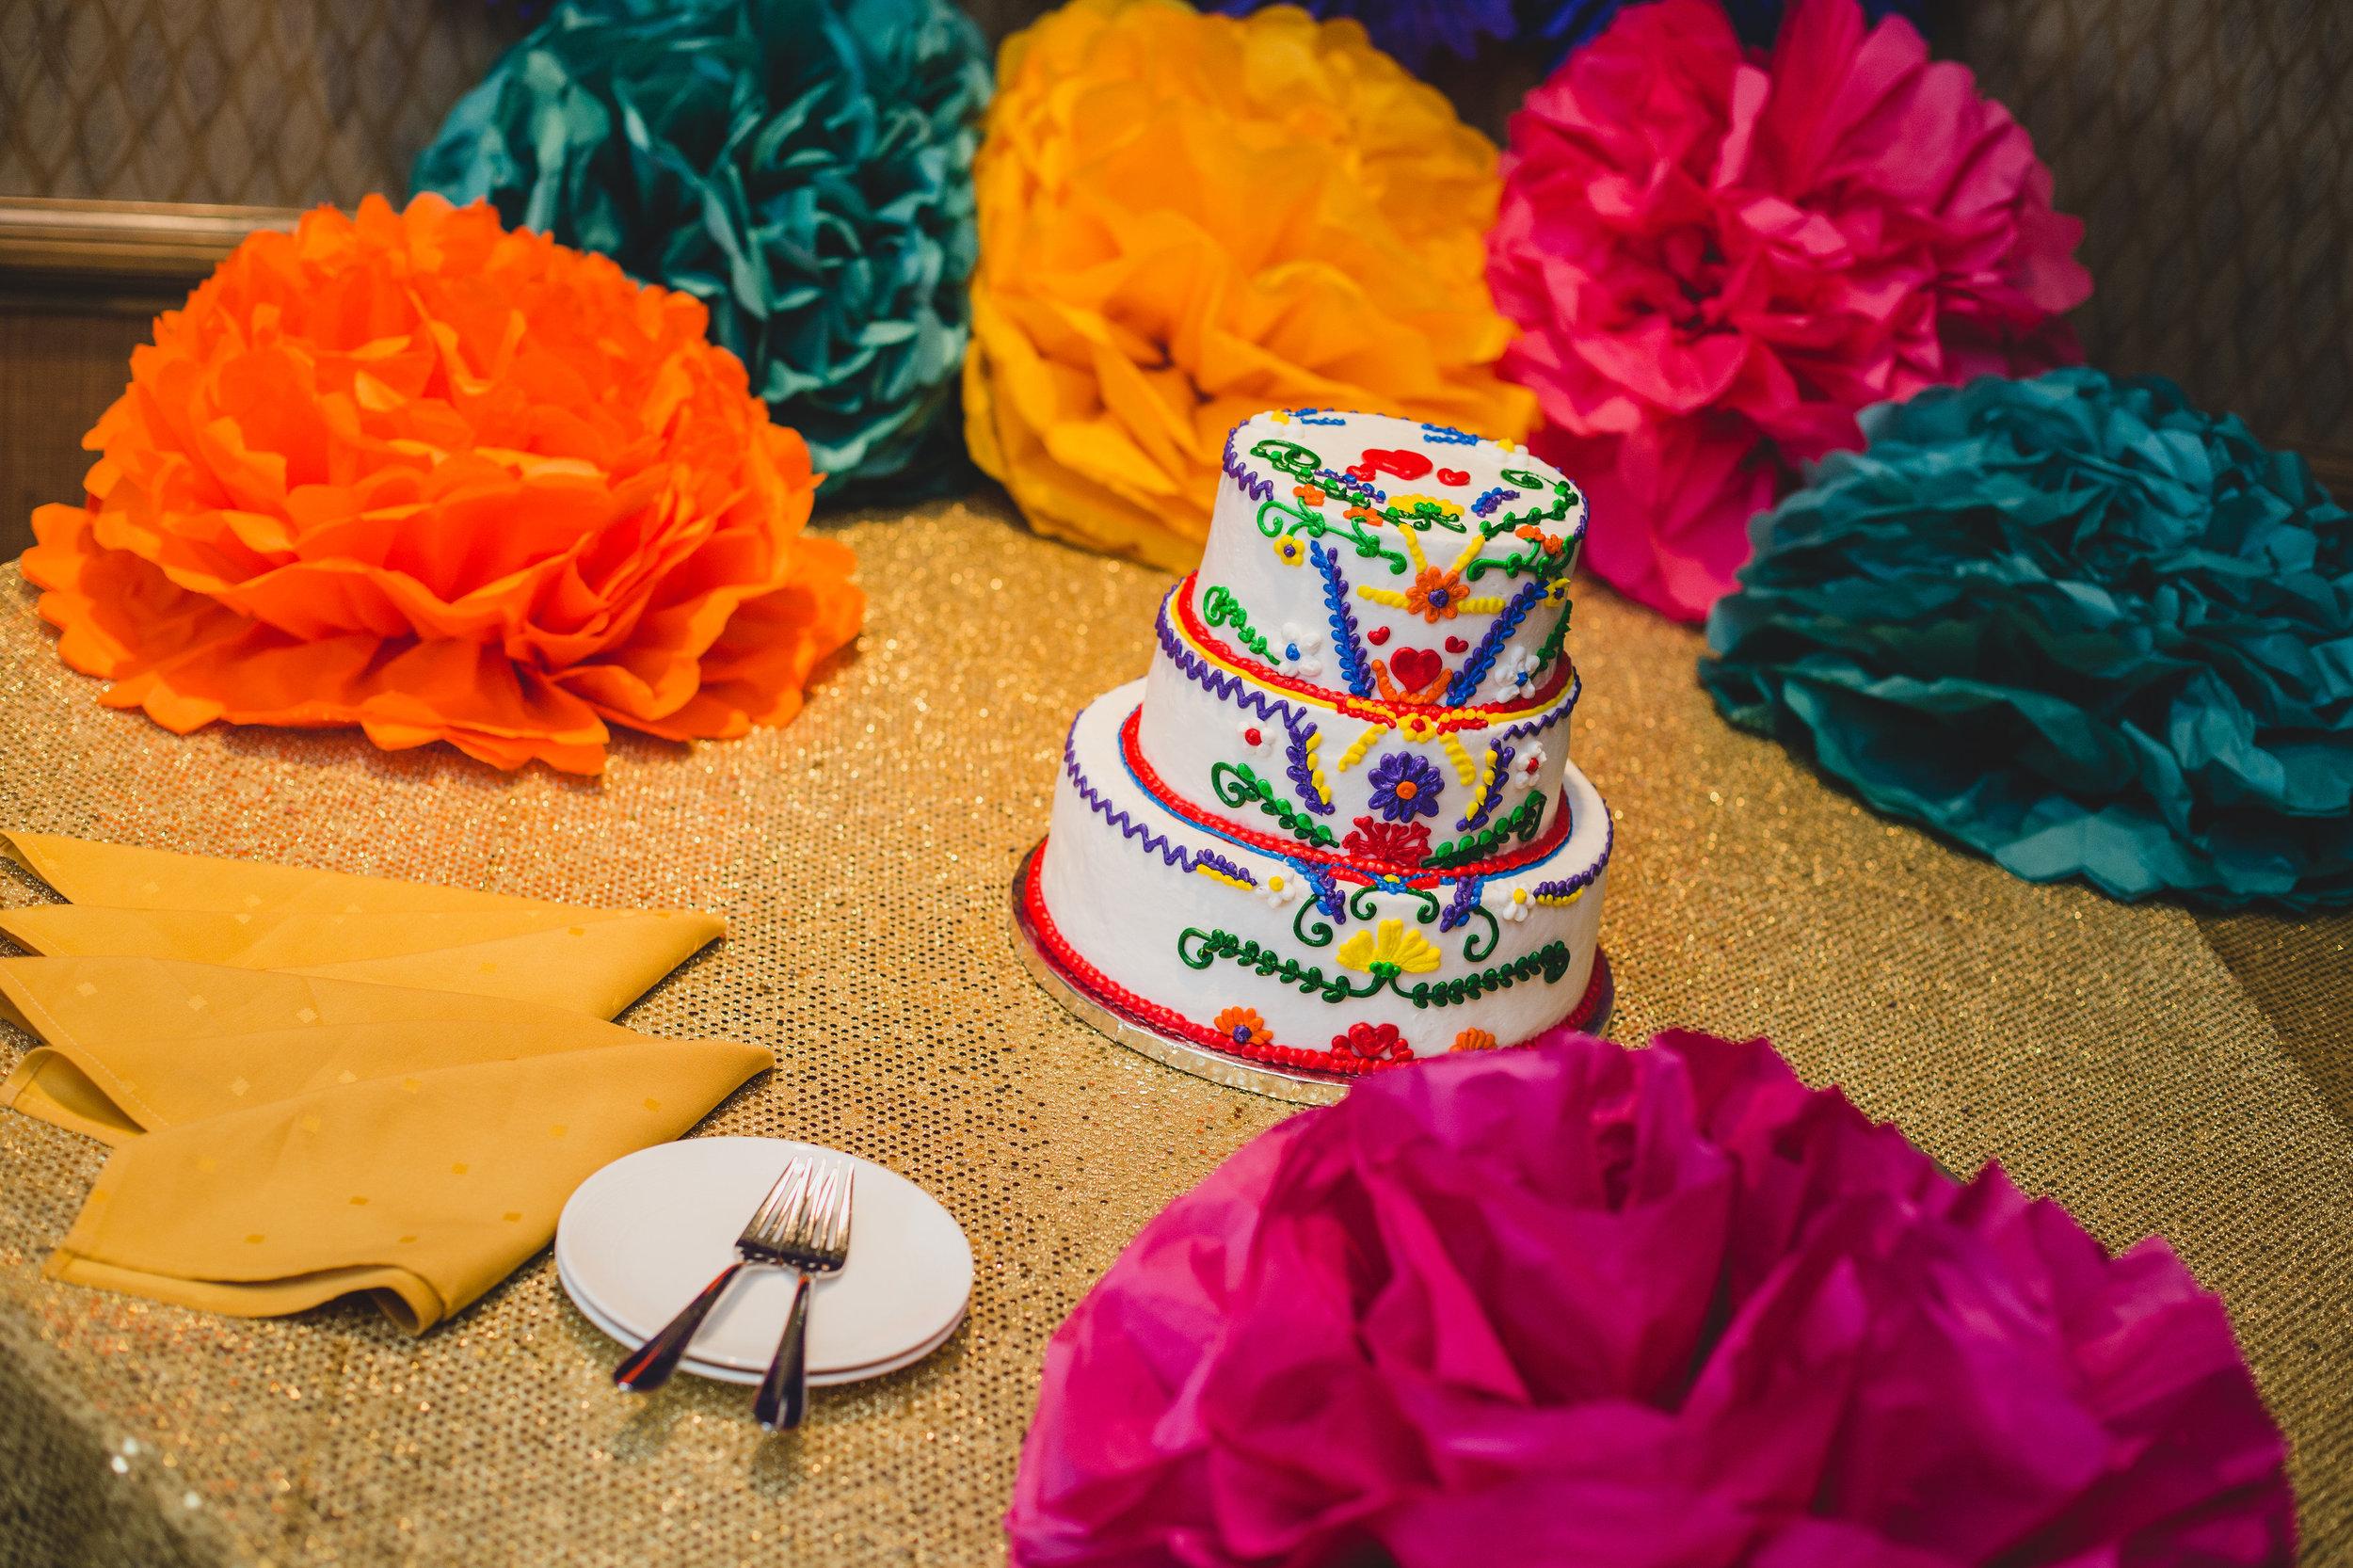 phoenix-wedding-photographer-cake-shot-colorful